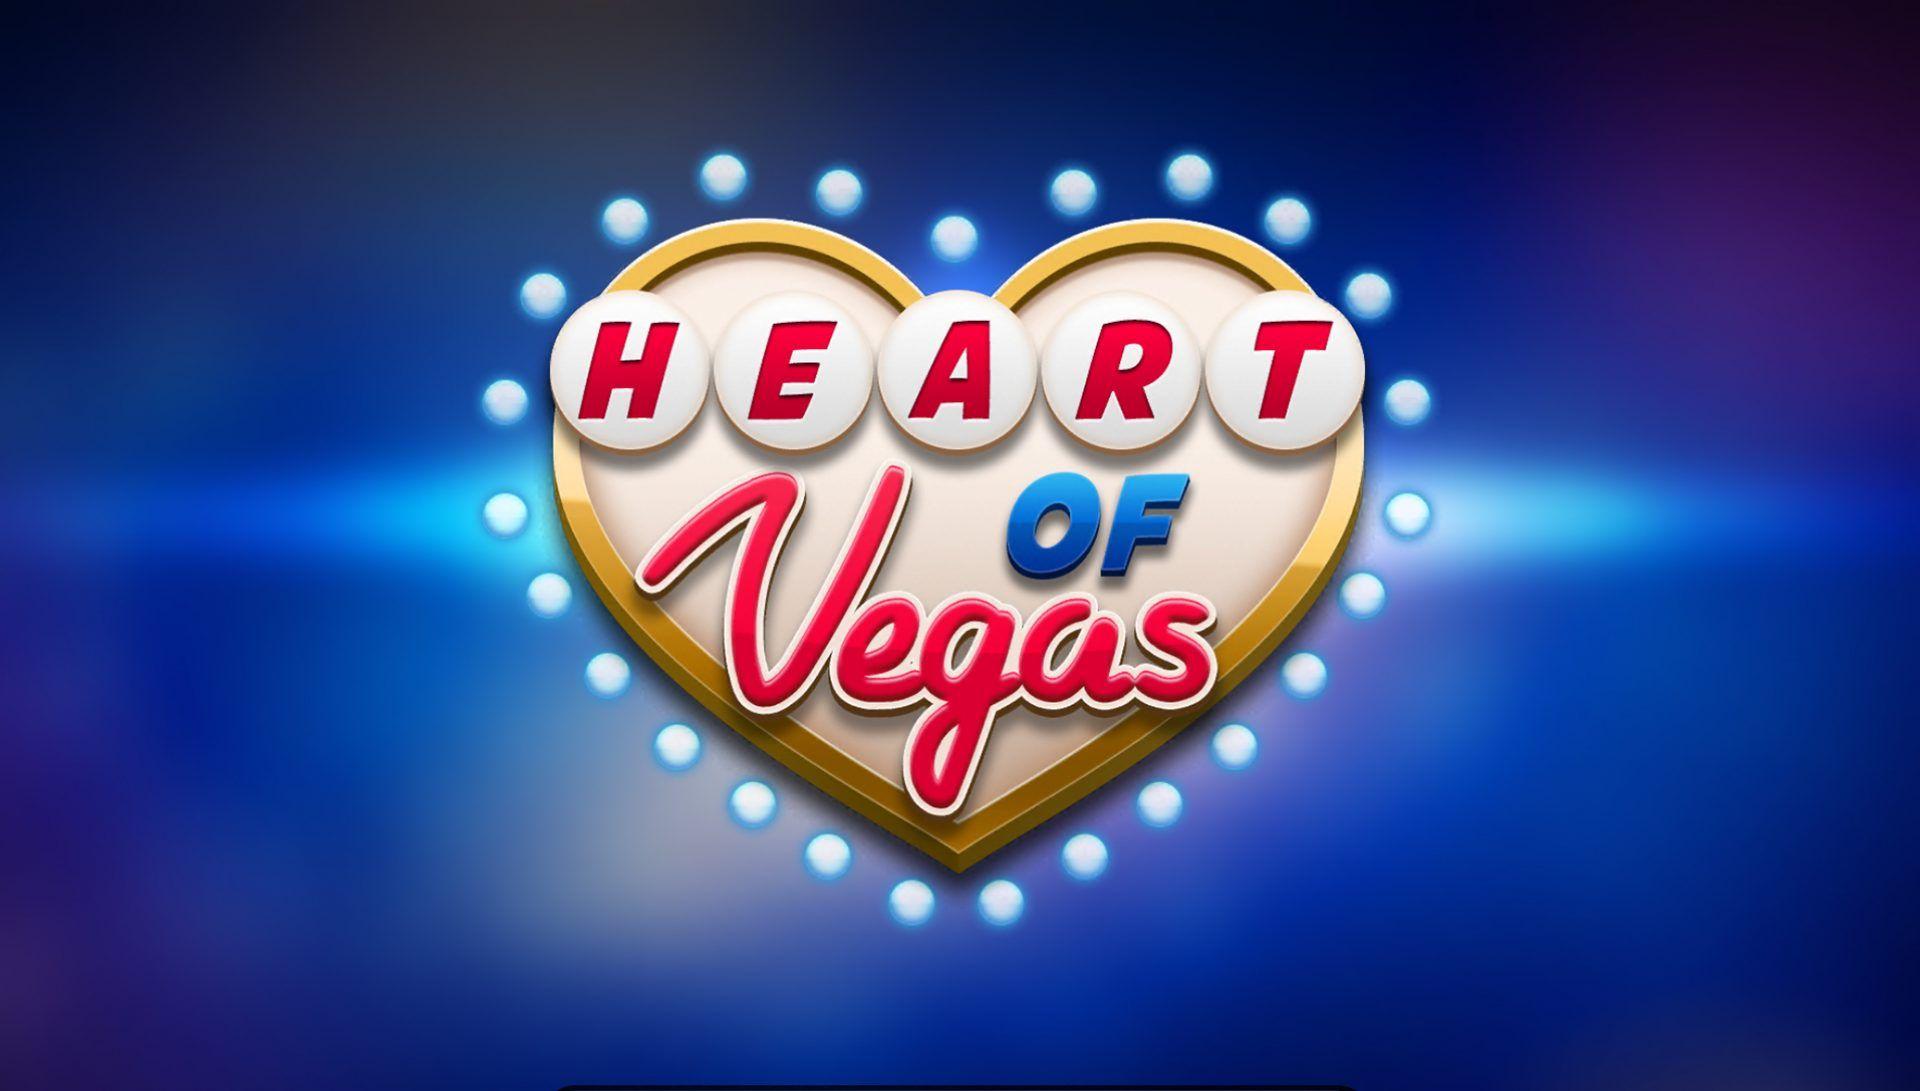 heart of vegas hack apk download